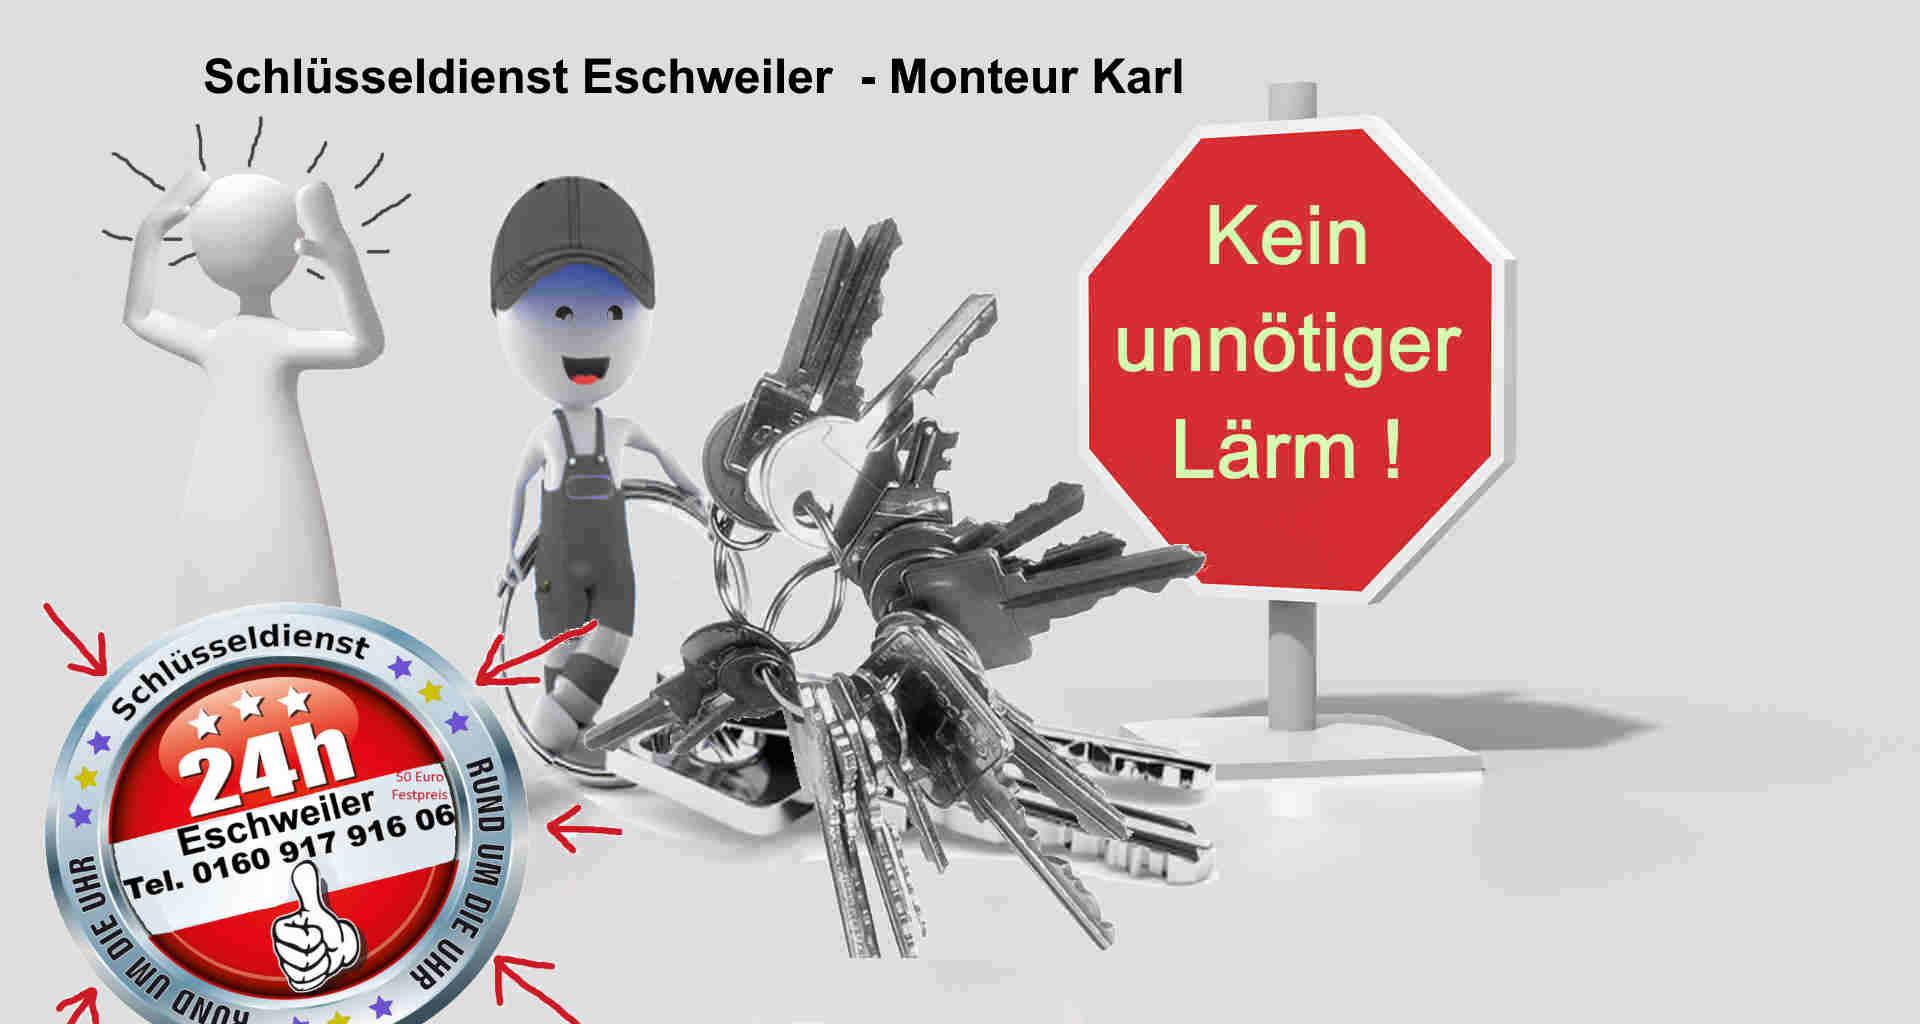 Schlüsseldienst Weisweiler - Stadt Eschweiler - kein Lärm - Tür öffnen fast lautlos - Es geht auch anders !